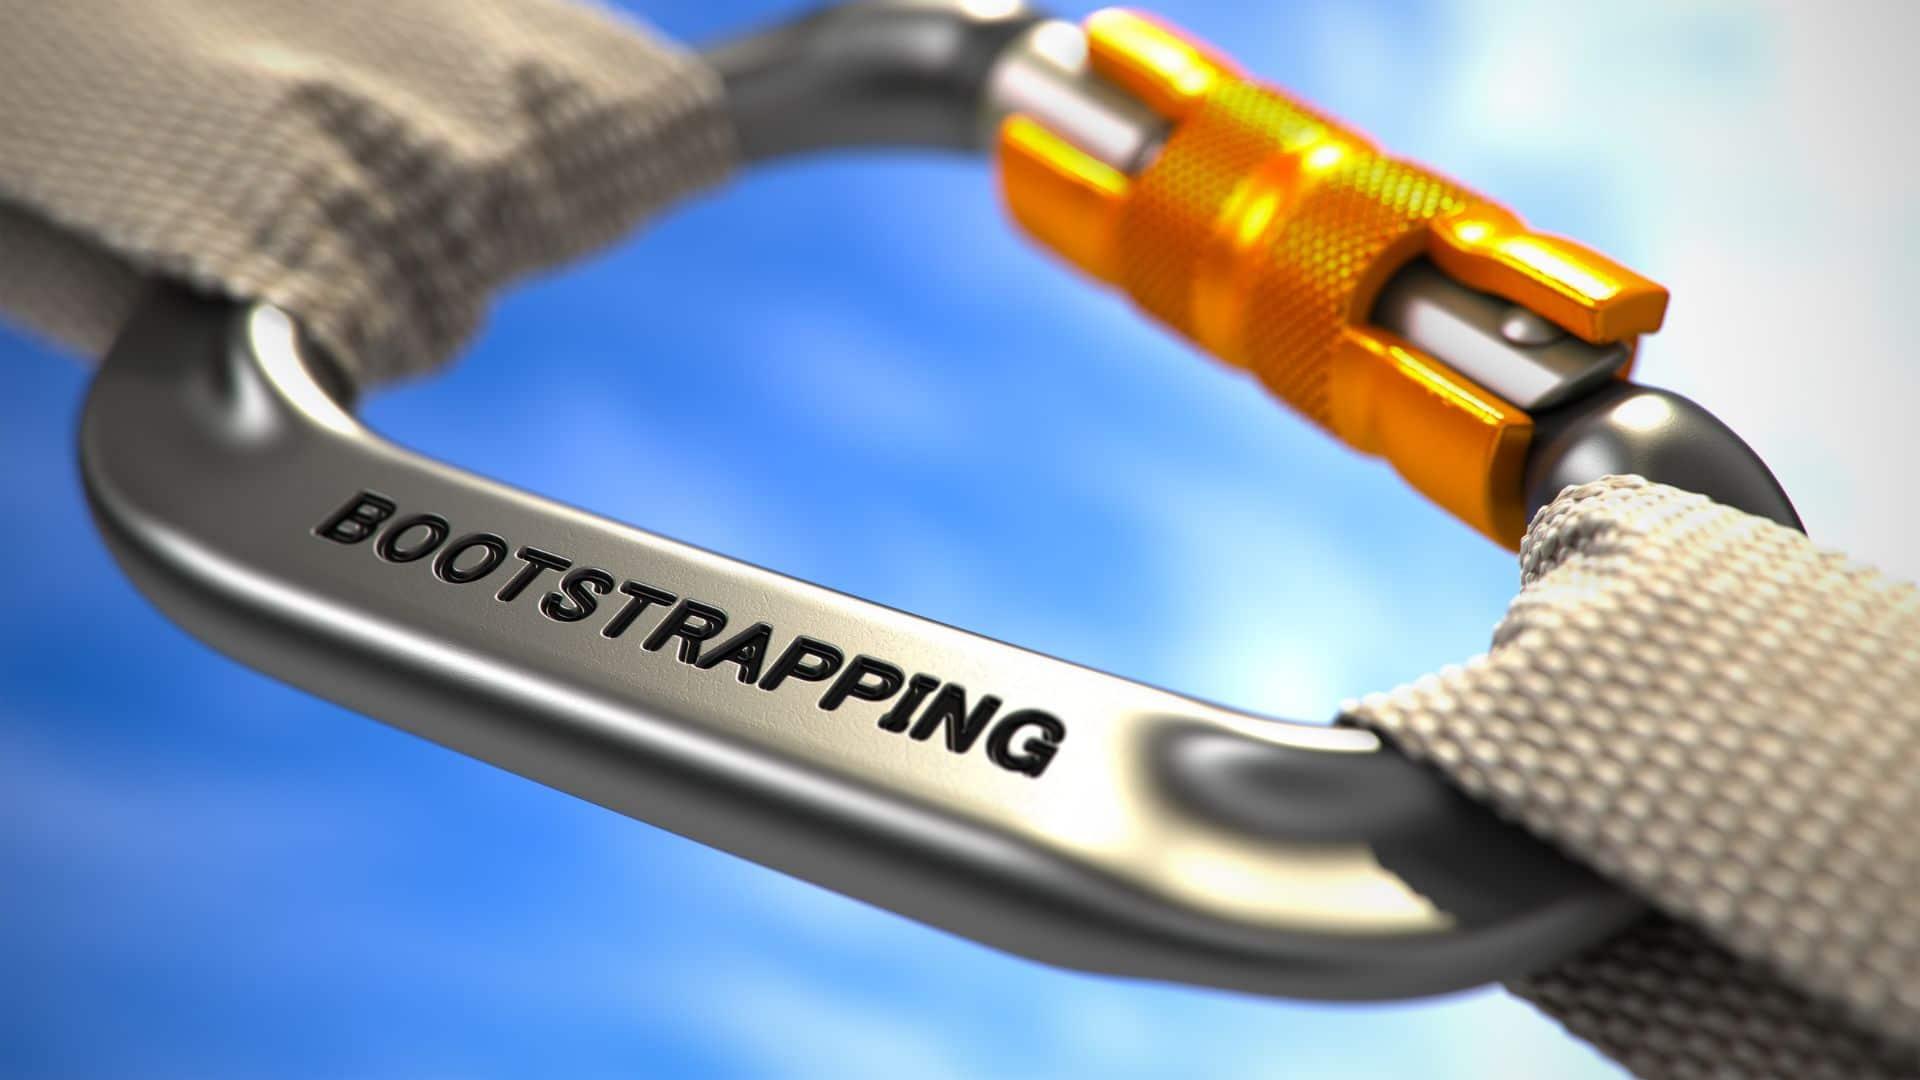 תוכנית עסקית לגיוס עצמאי Bootstrapping